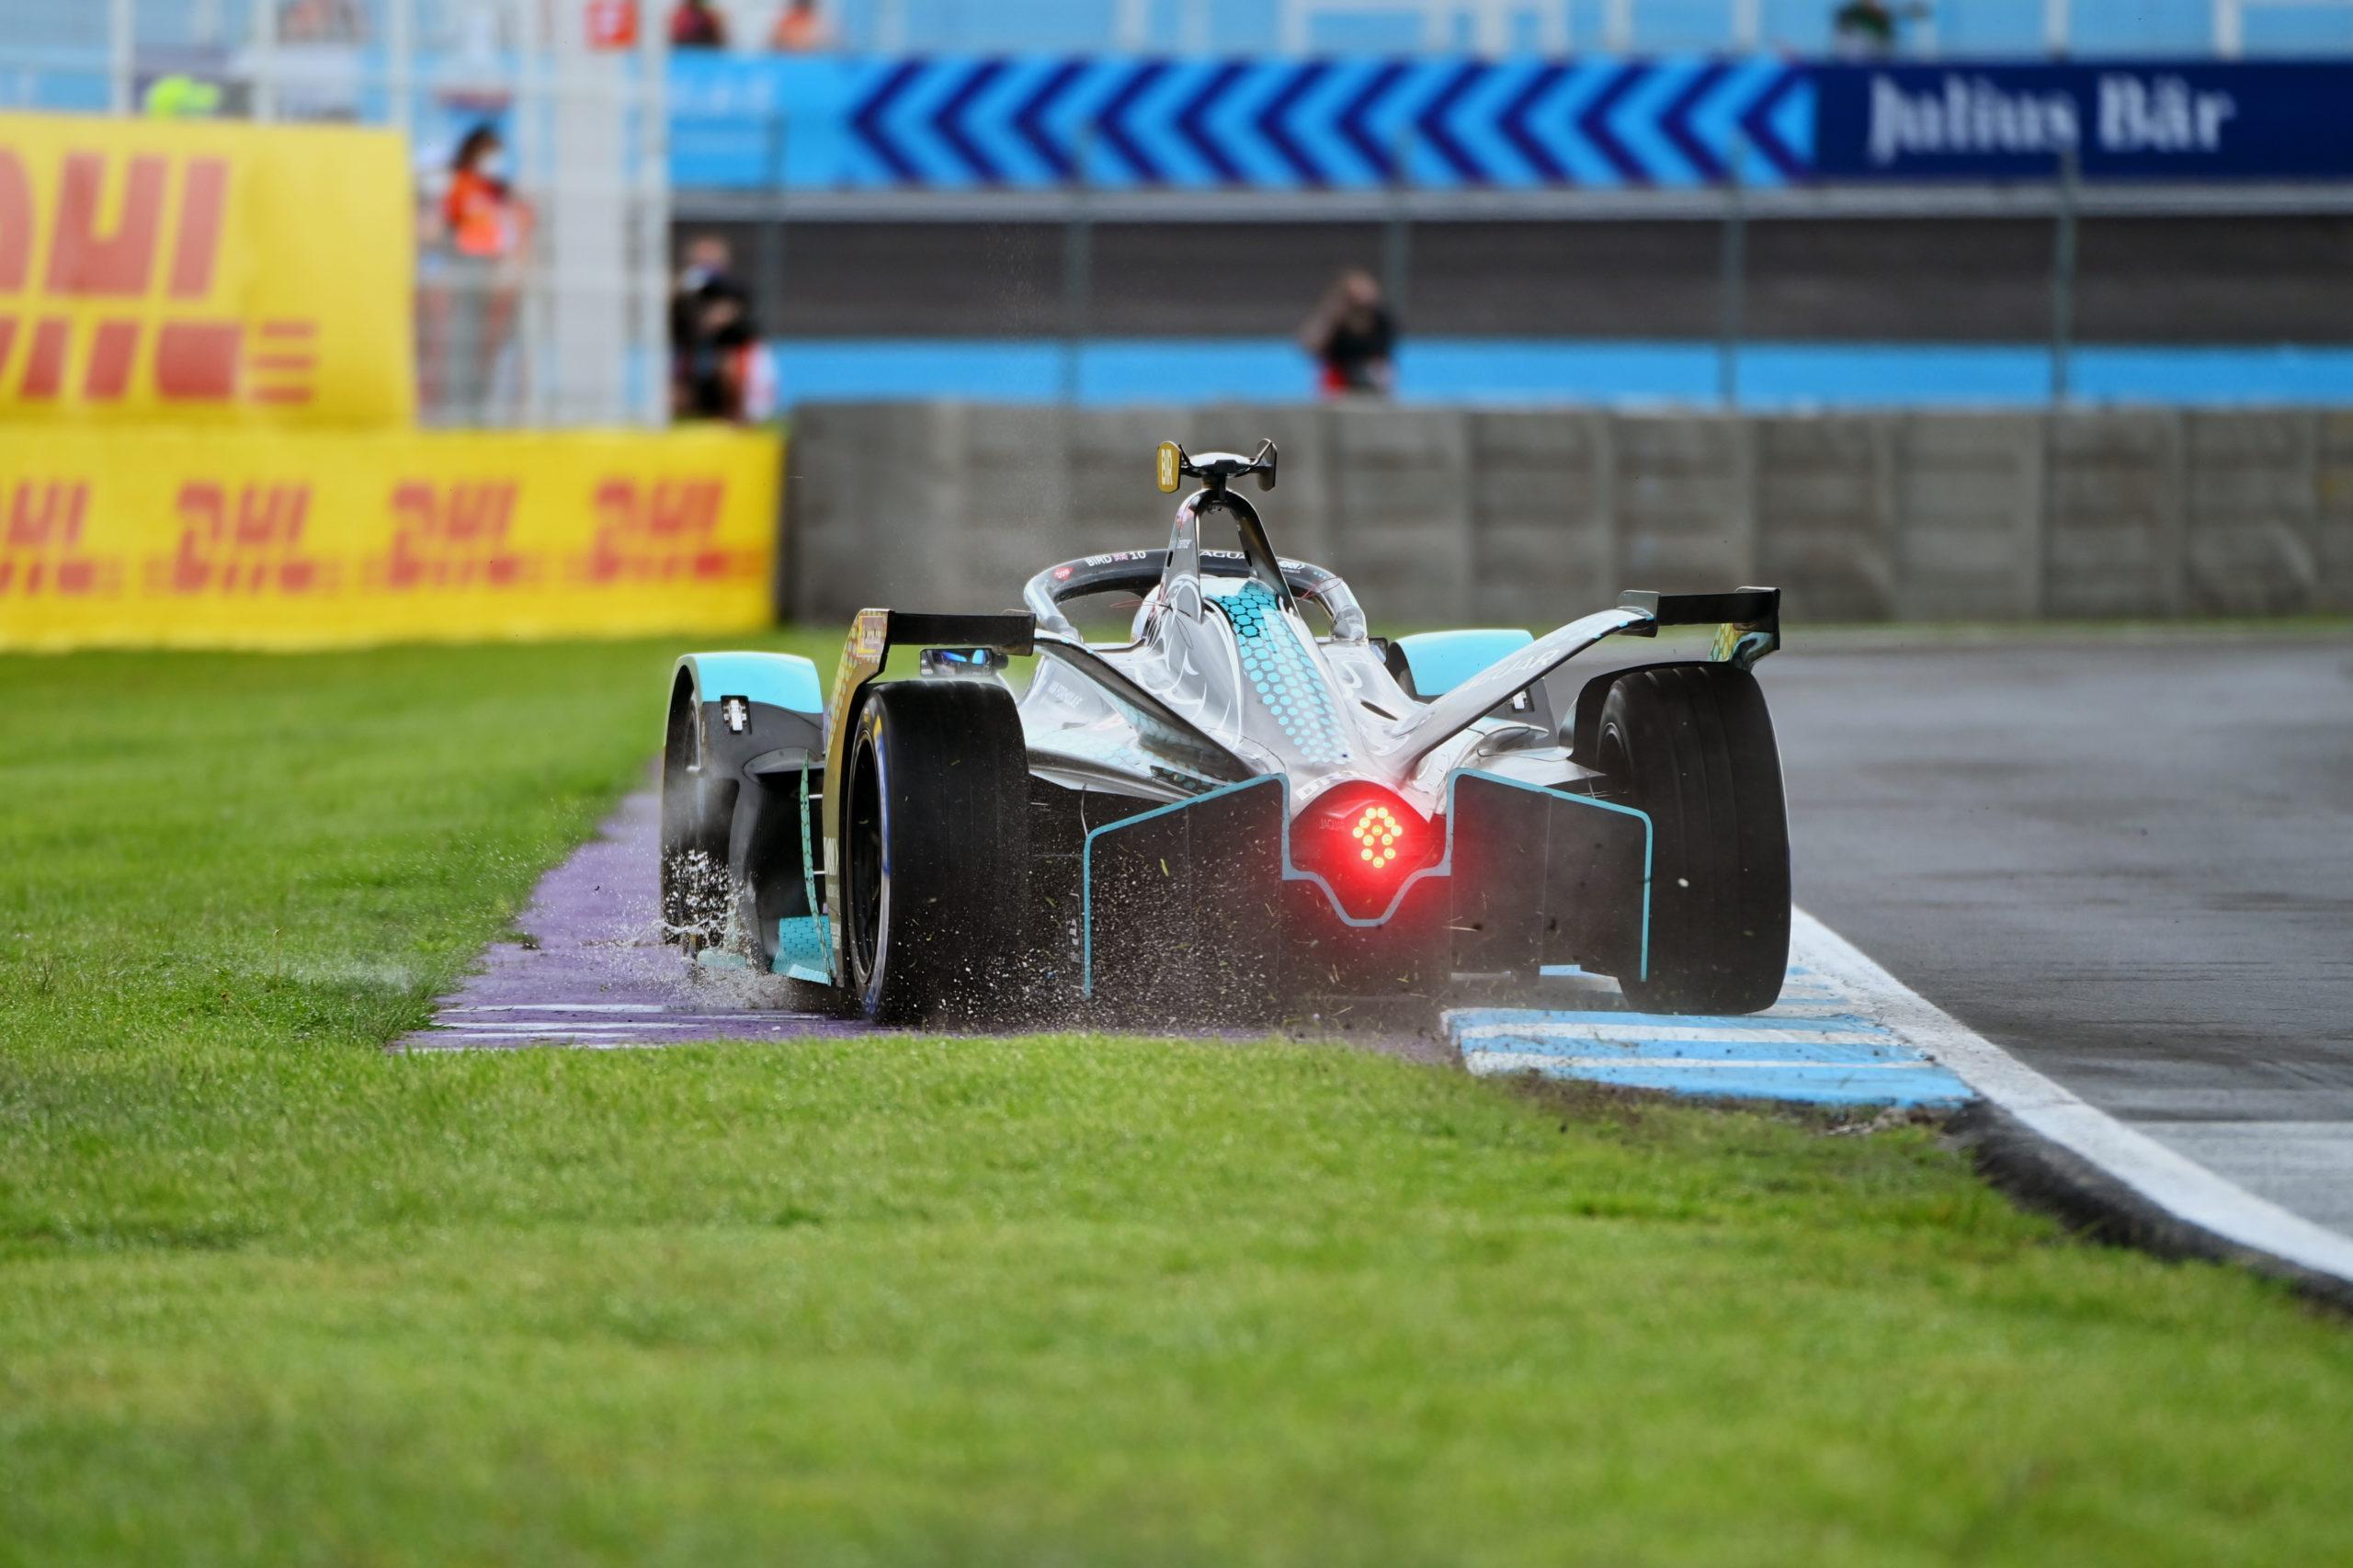 Sam Bird (GBR), Jaguar Racing, Jaguar I-TYPE 5, runs wide